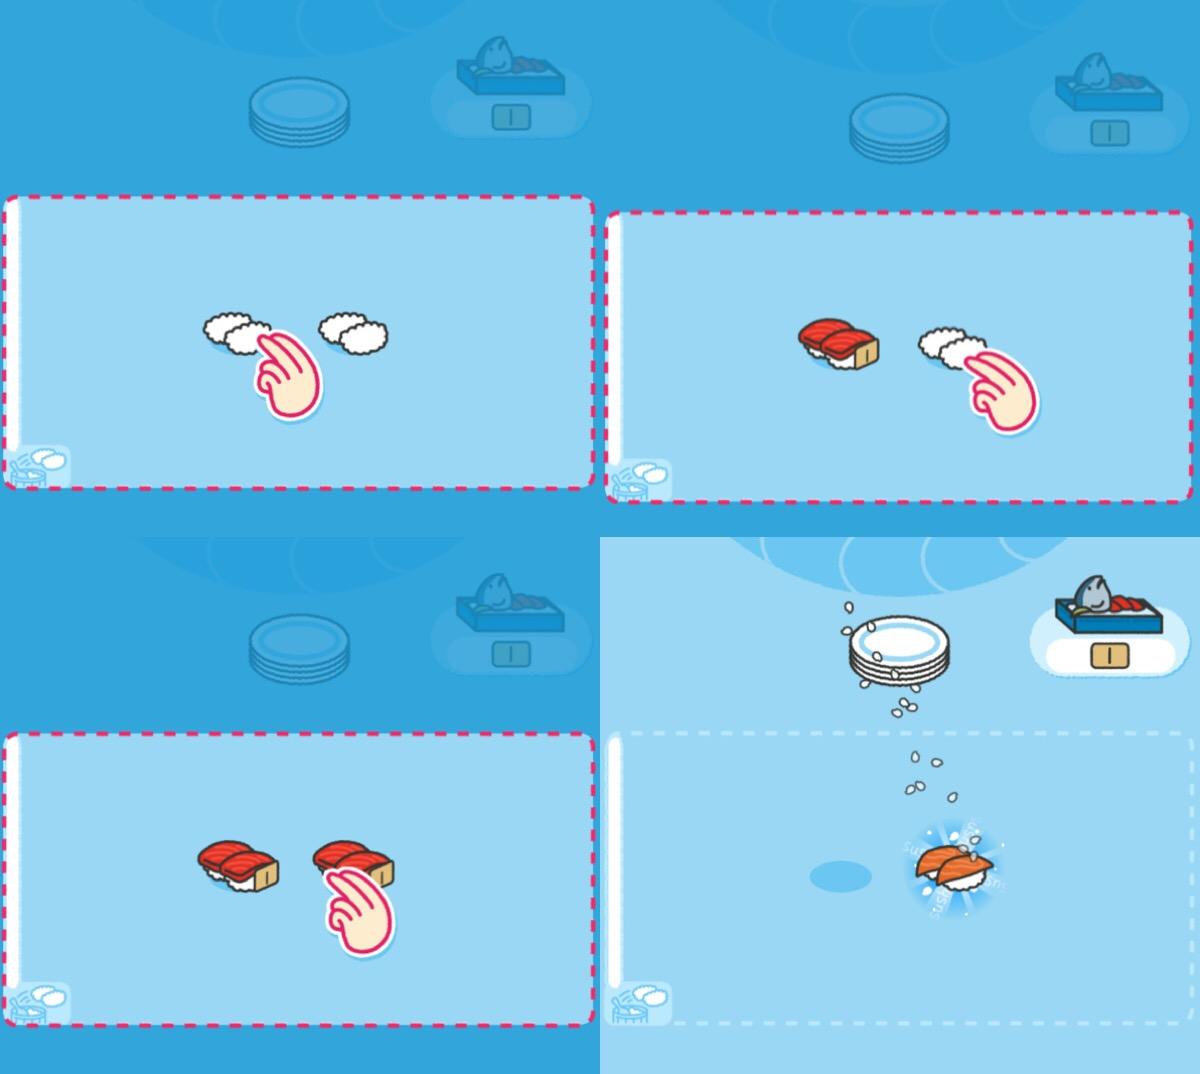 画像2: 同じお寿司をくっつけると新しい種類のお寿司が誕生!